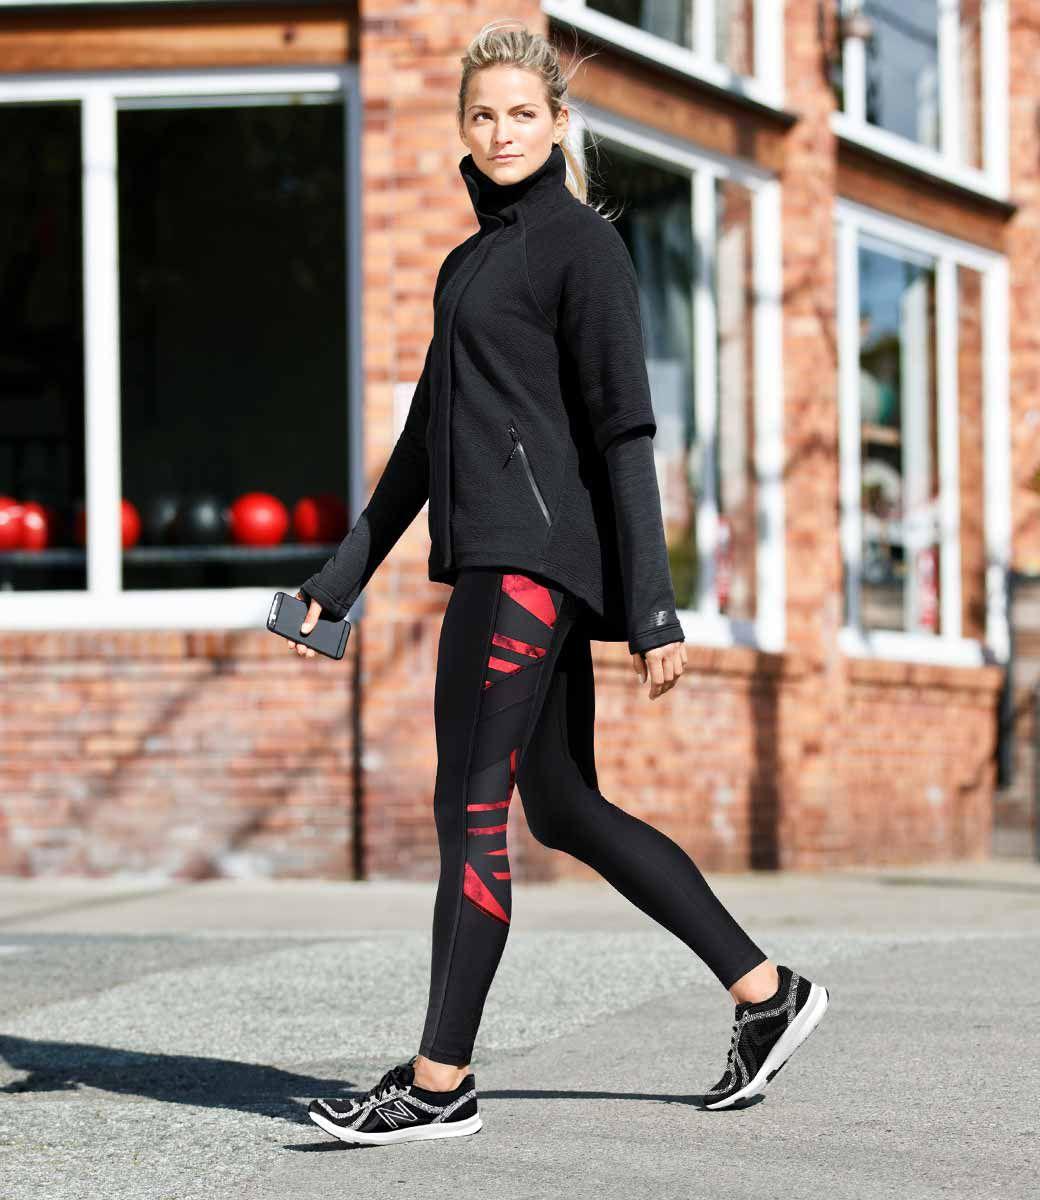 New Balance Intensity Jacket Look,